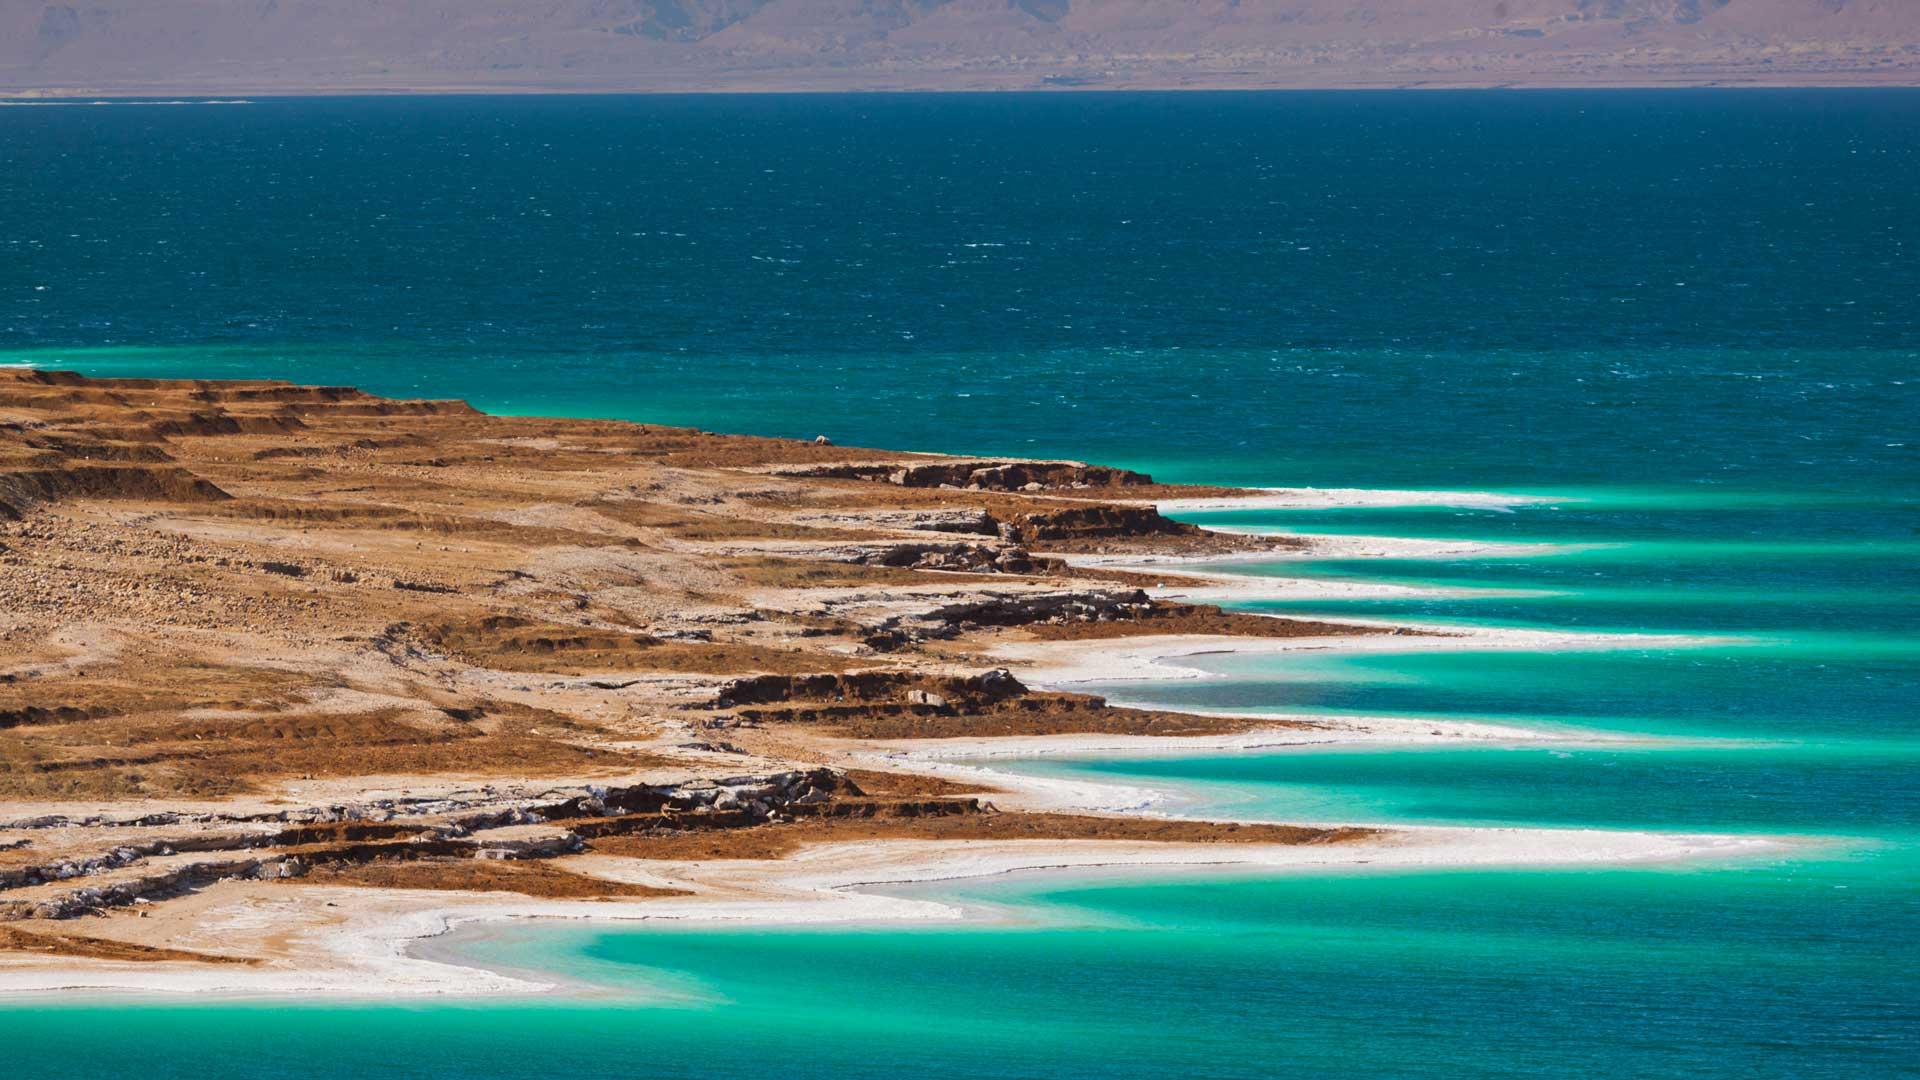 Soothing waters of the Dead Sea, Jordan